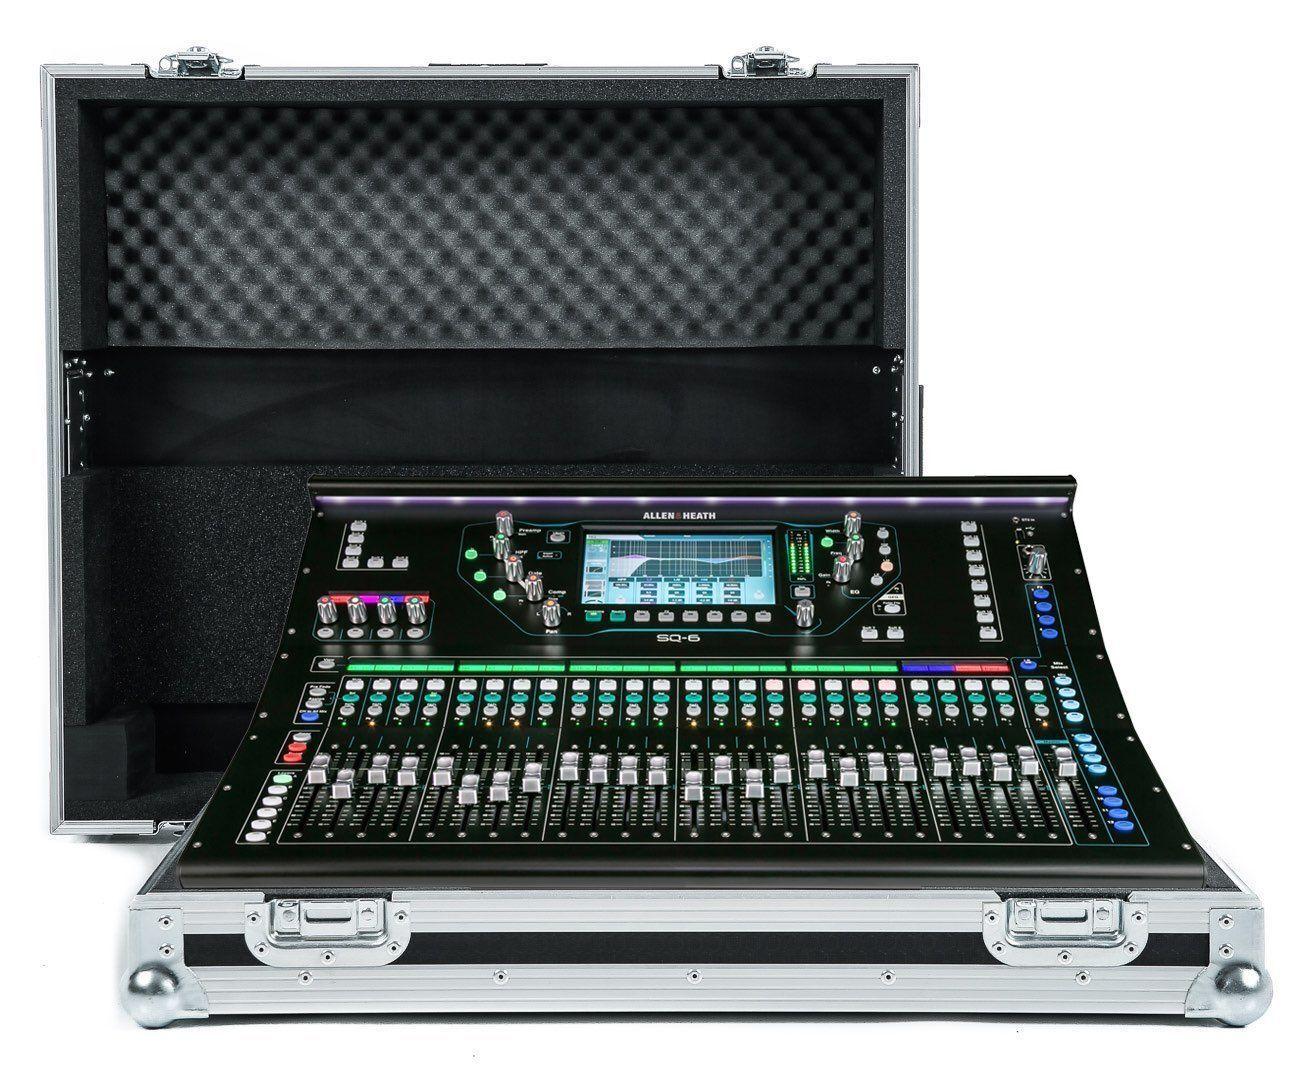 Allen & Heath SQ6 Mixer Flug Hülle von NSP Cases